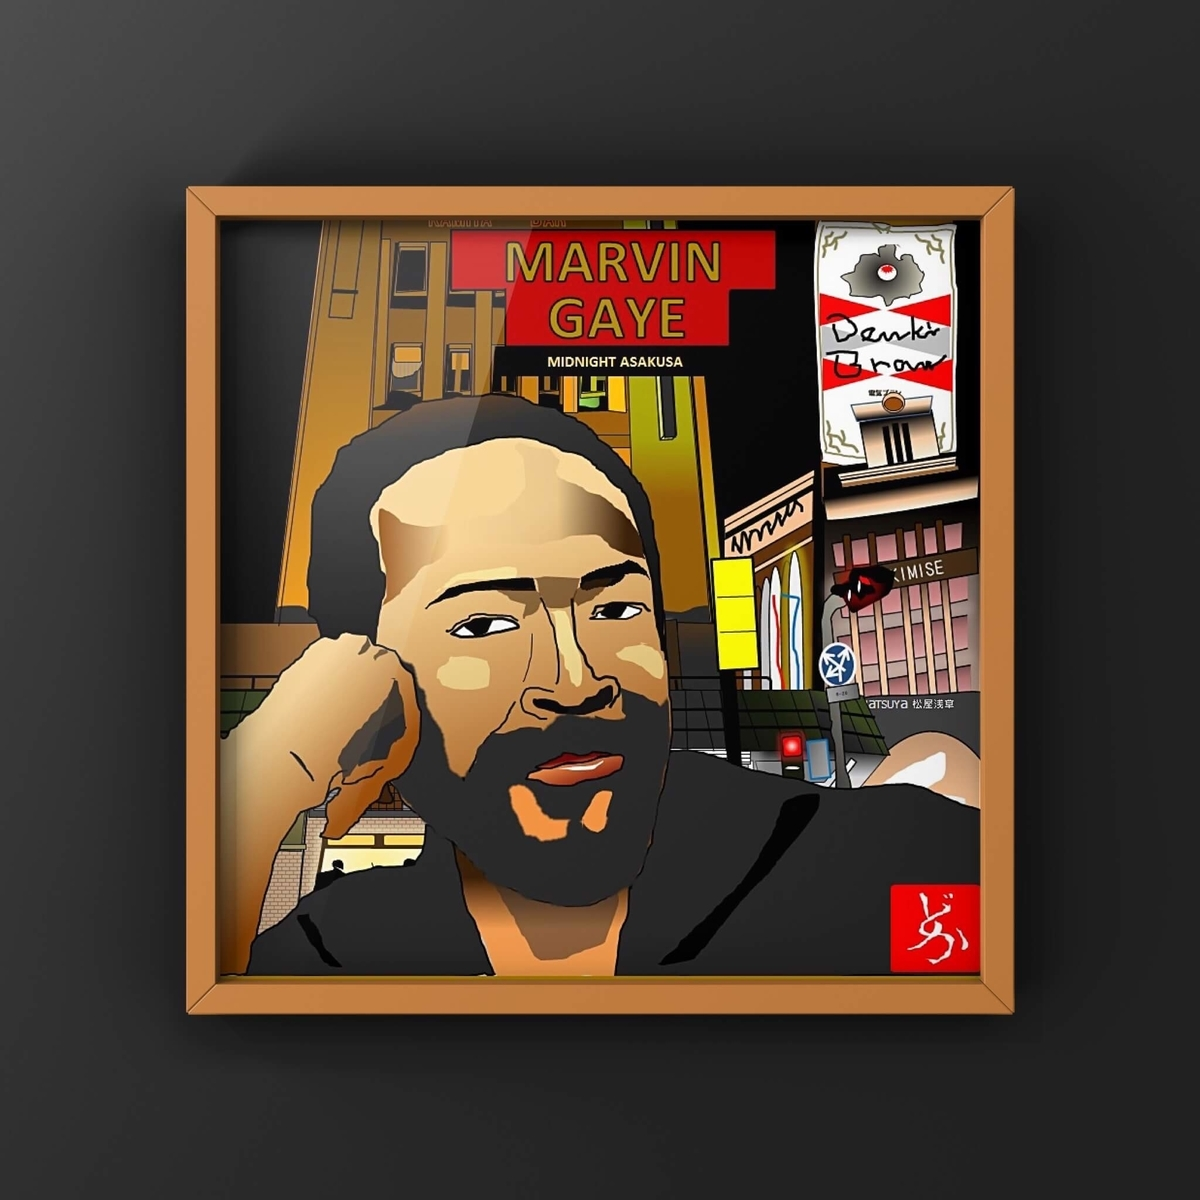 マーヴィン・ゲイ「ミッドナイト・ラブ」のエクセル画イラスト額装版